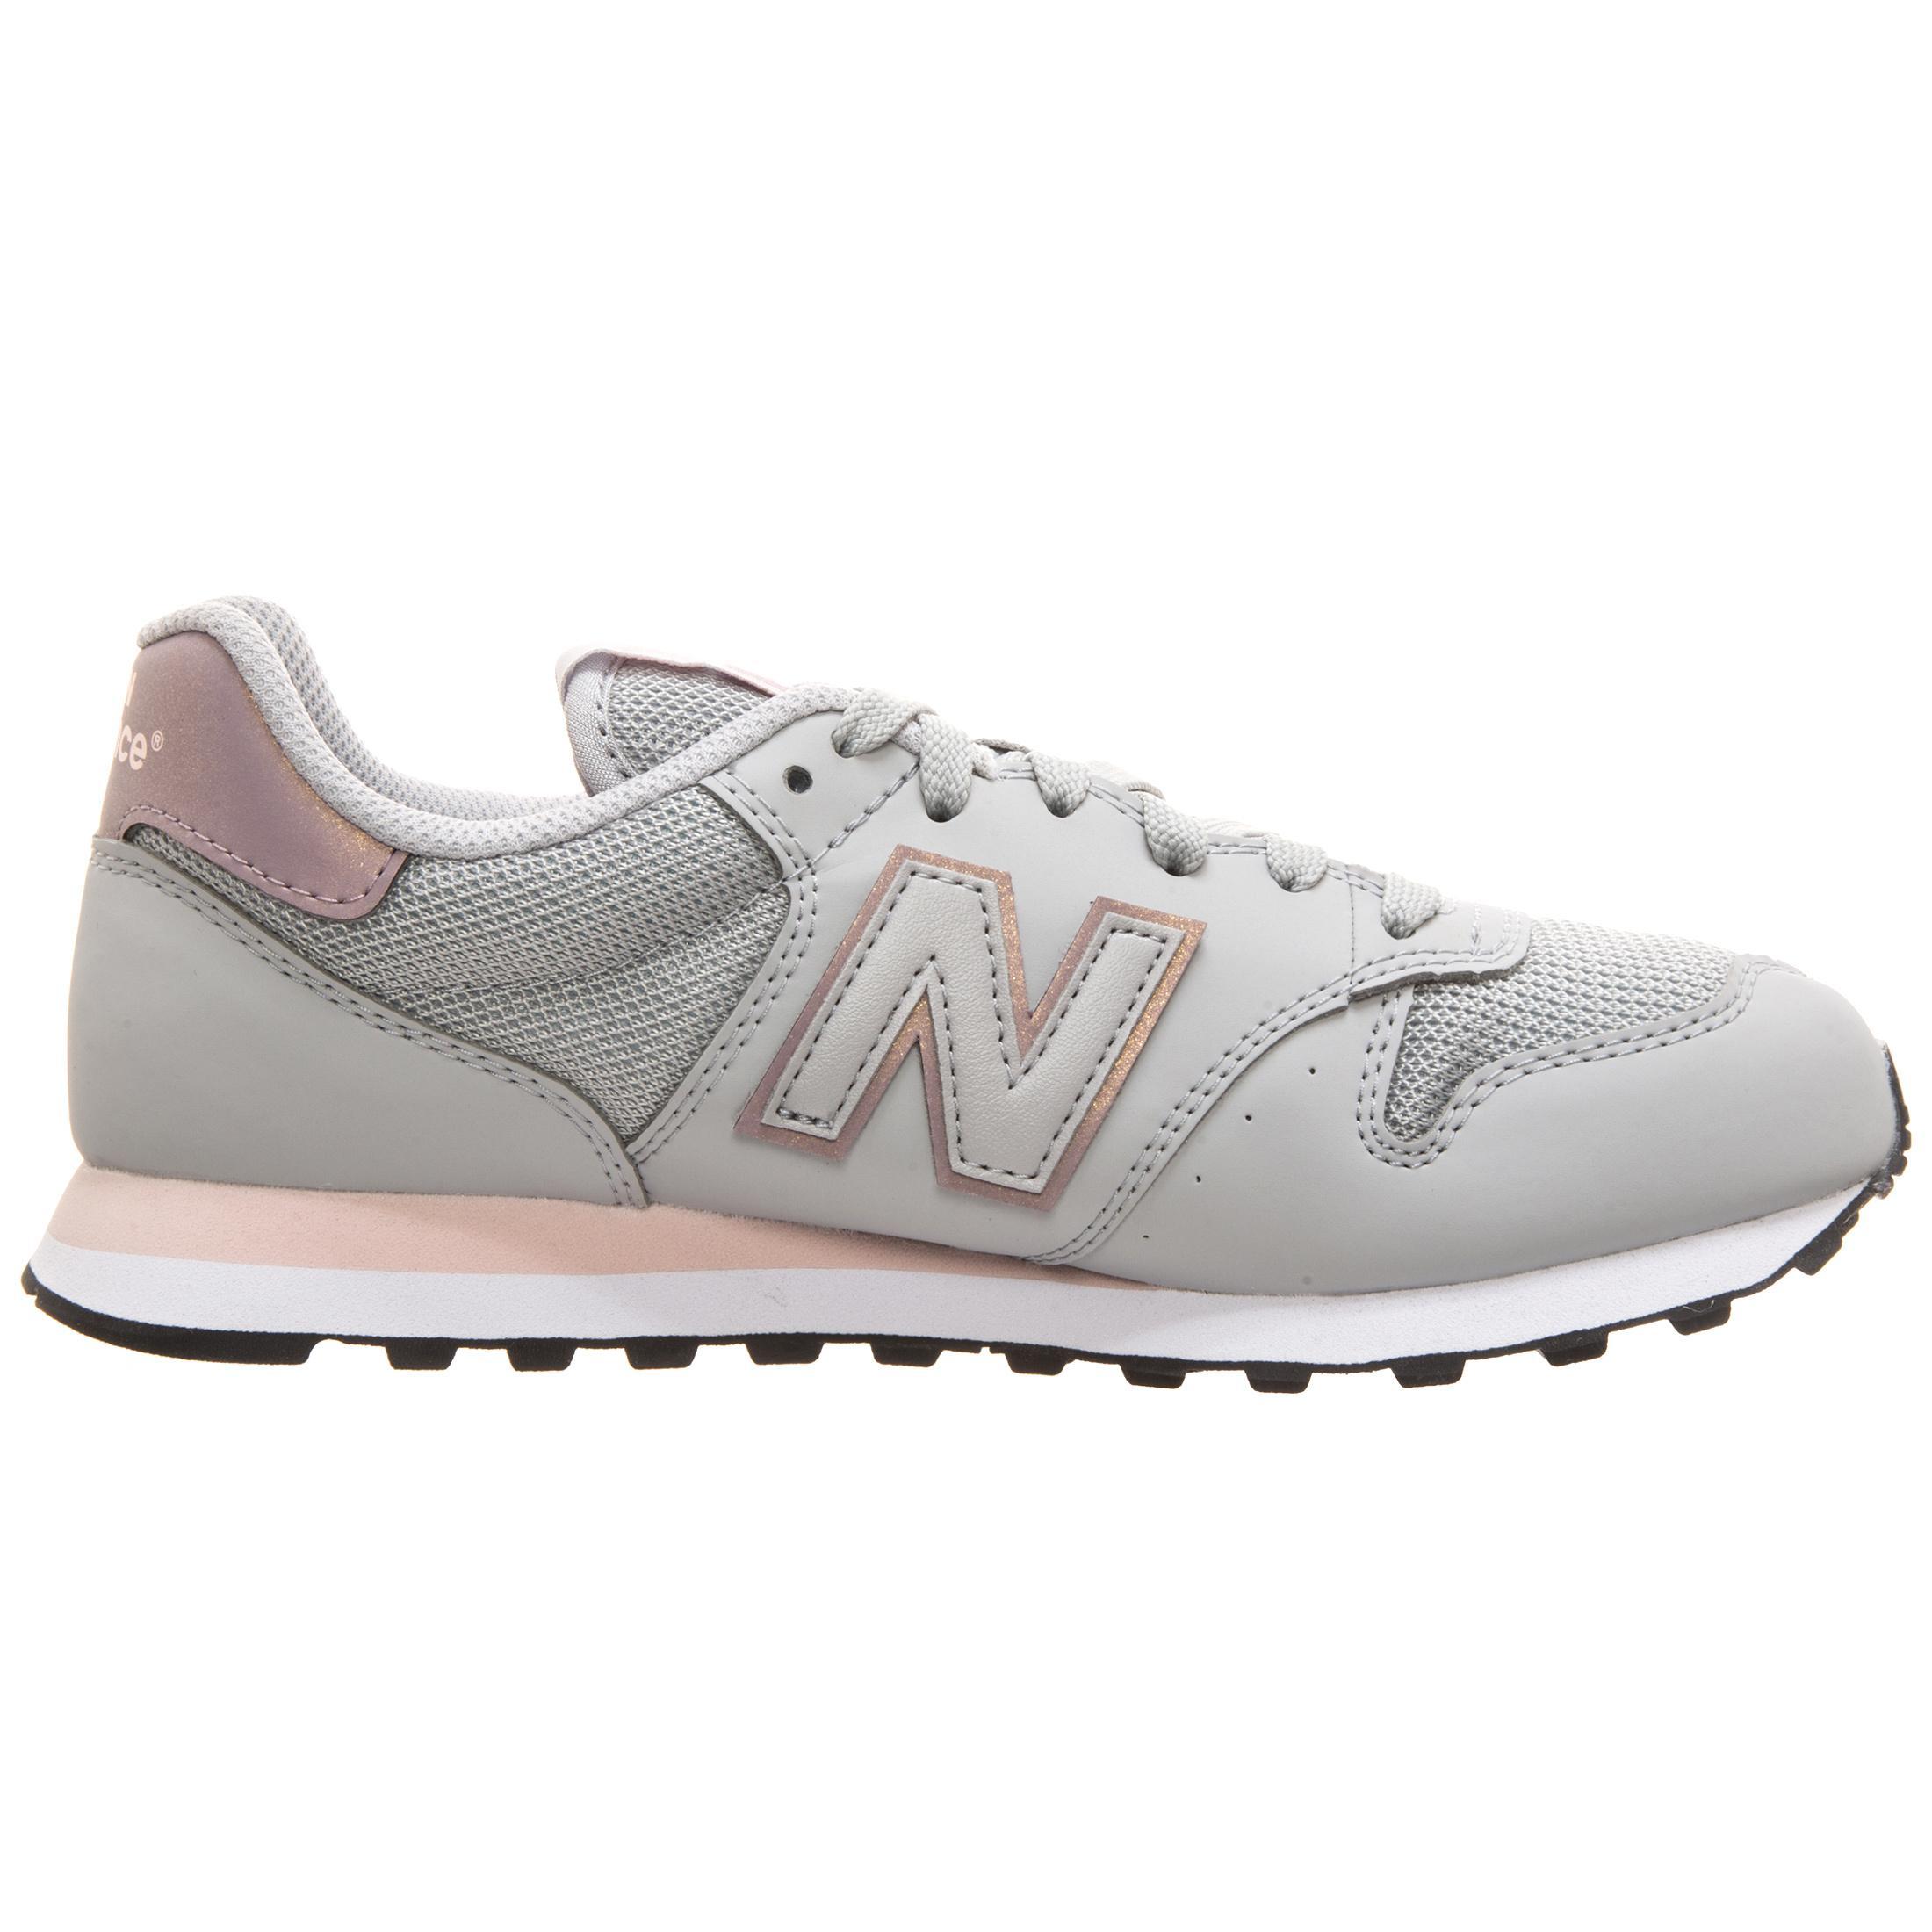 NEW NEW NEW BALANCE GW500-B Turnschuhe Herren weiß im Online Shop von SportScheck kaufen Gute Qualität beliebte Schuhe 1bf3d2